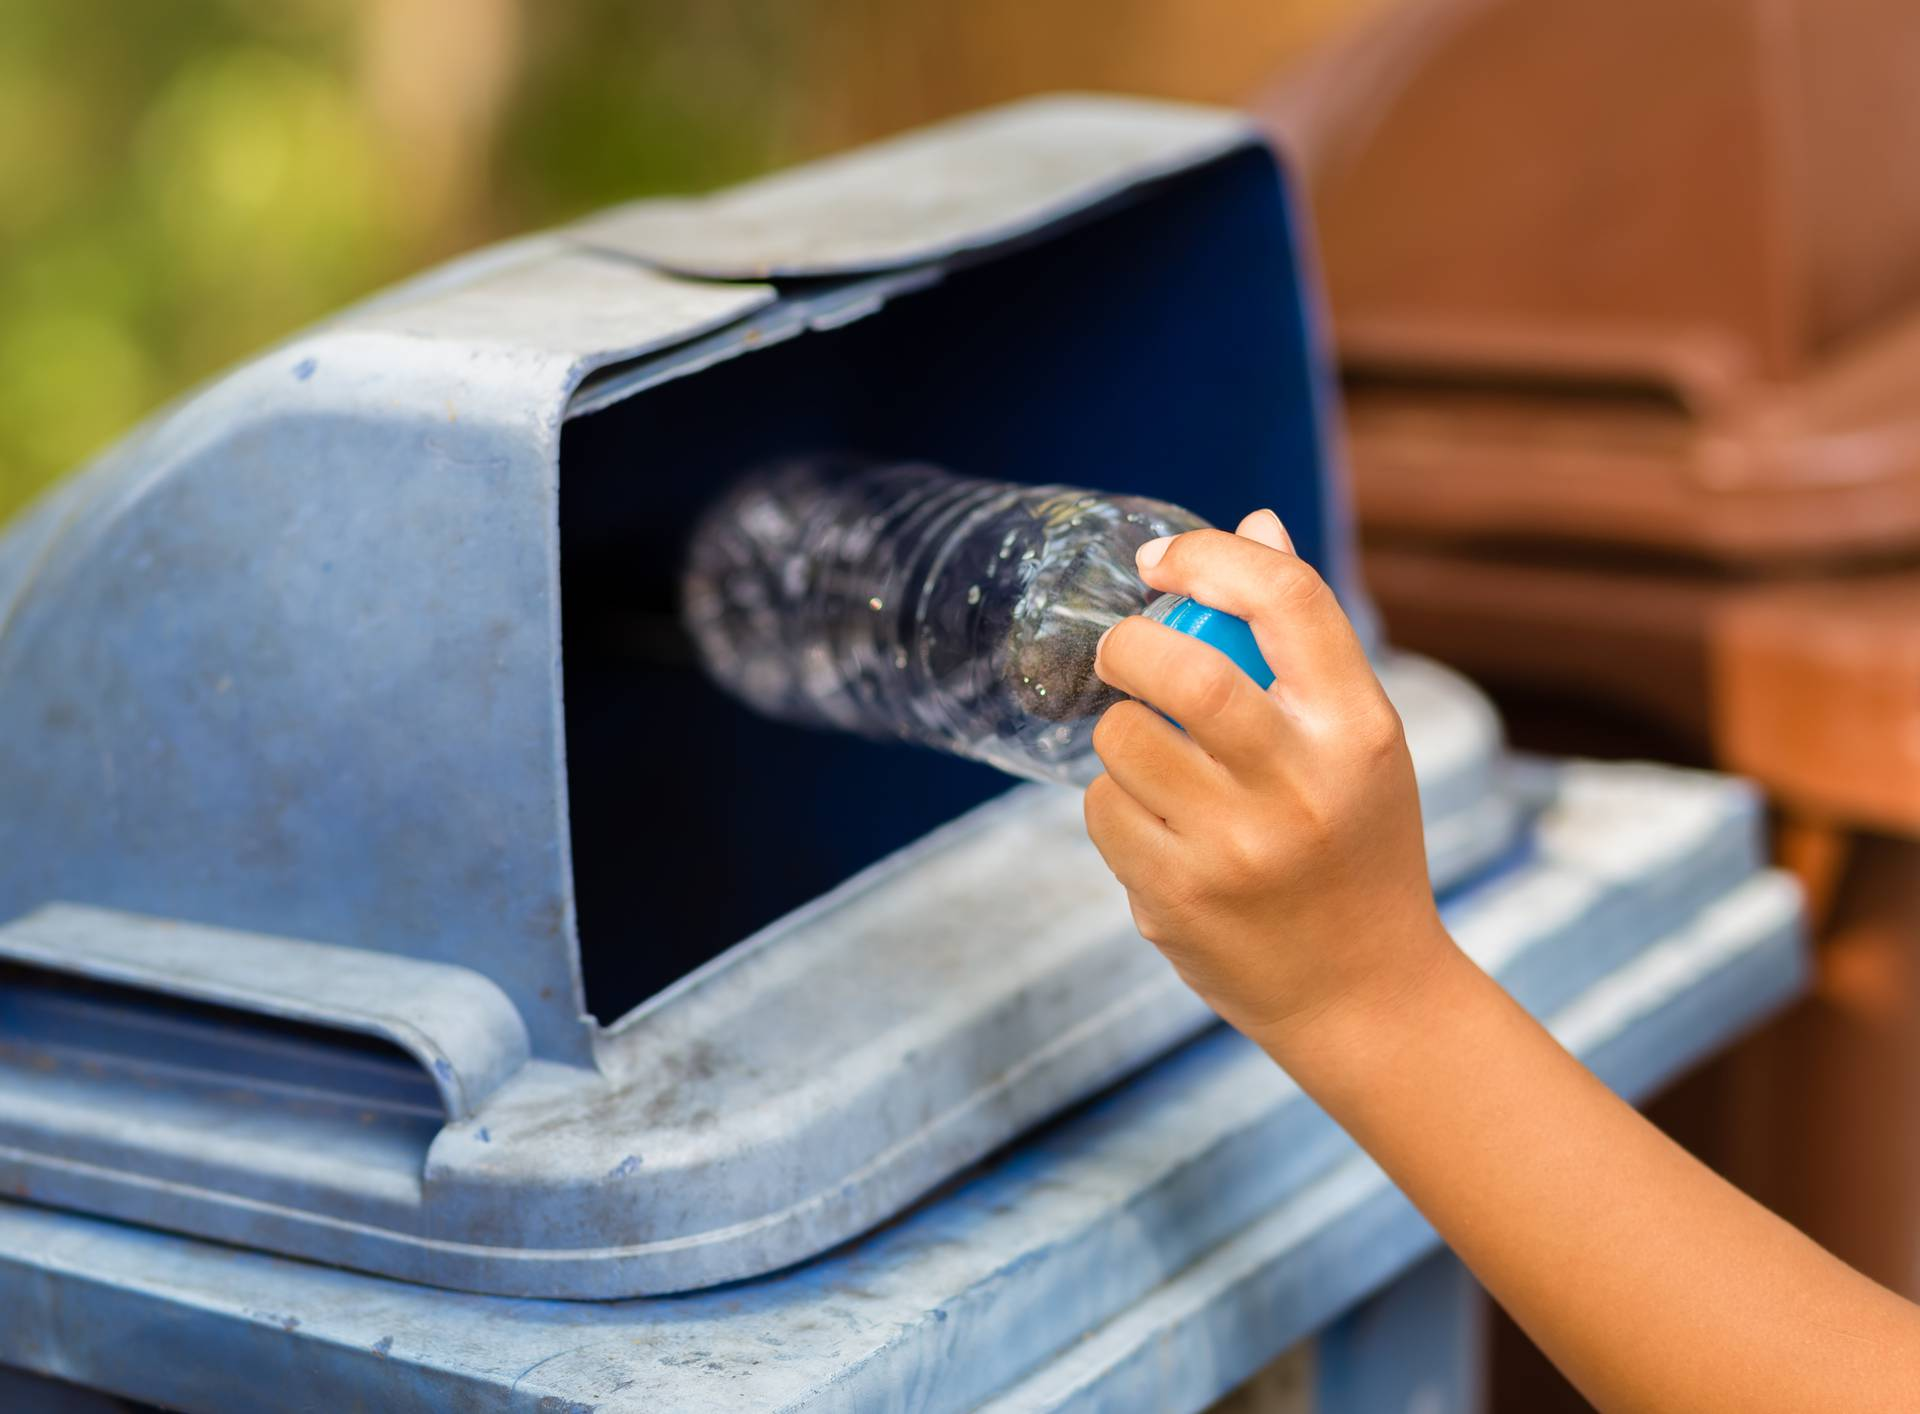 Child Drop the Plastic Bottle